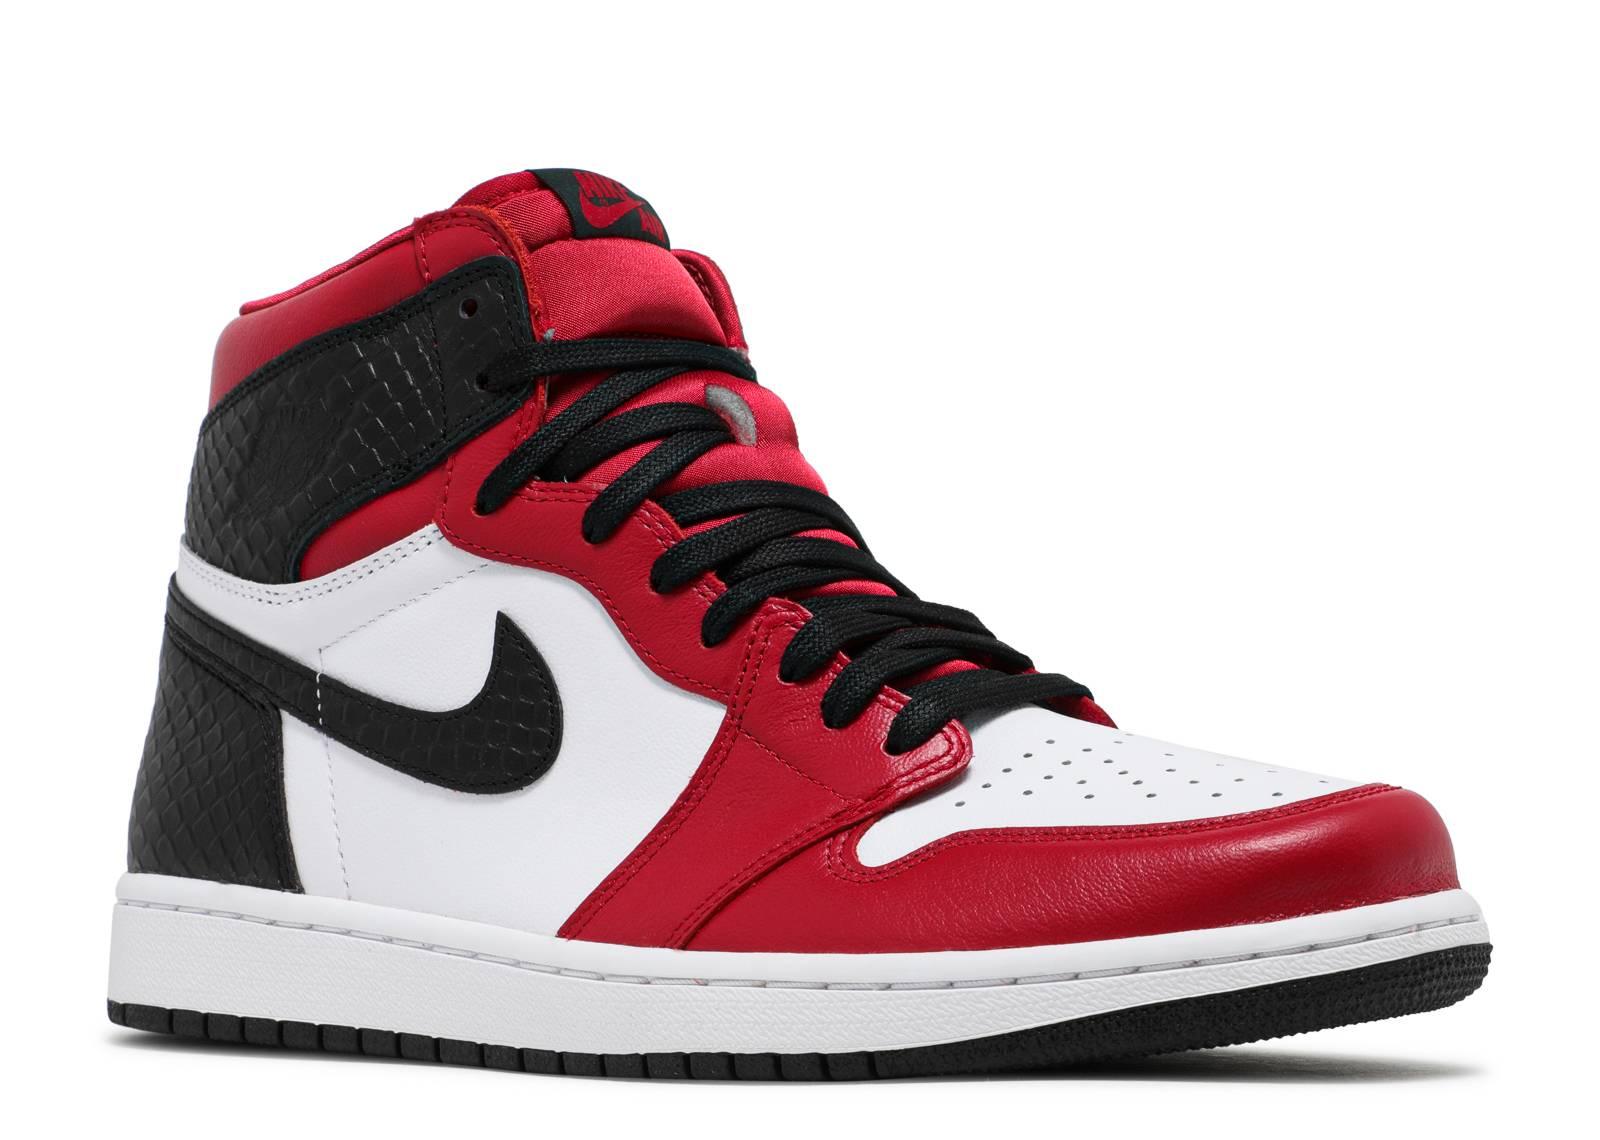 Wmns Air Jordan 1 Retro High OG 'Satin Red'